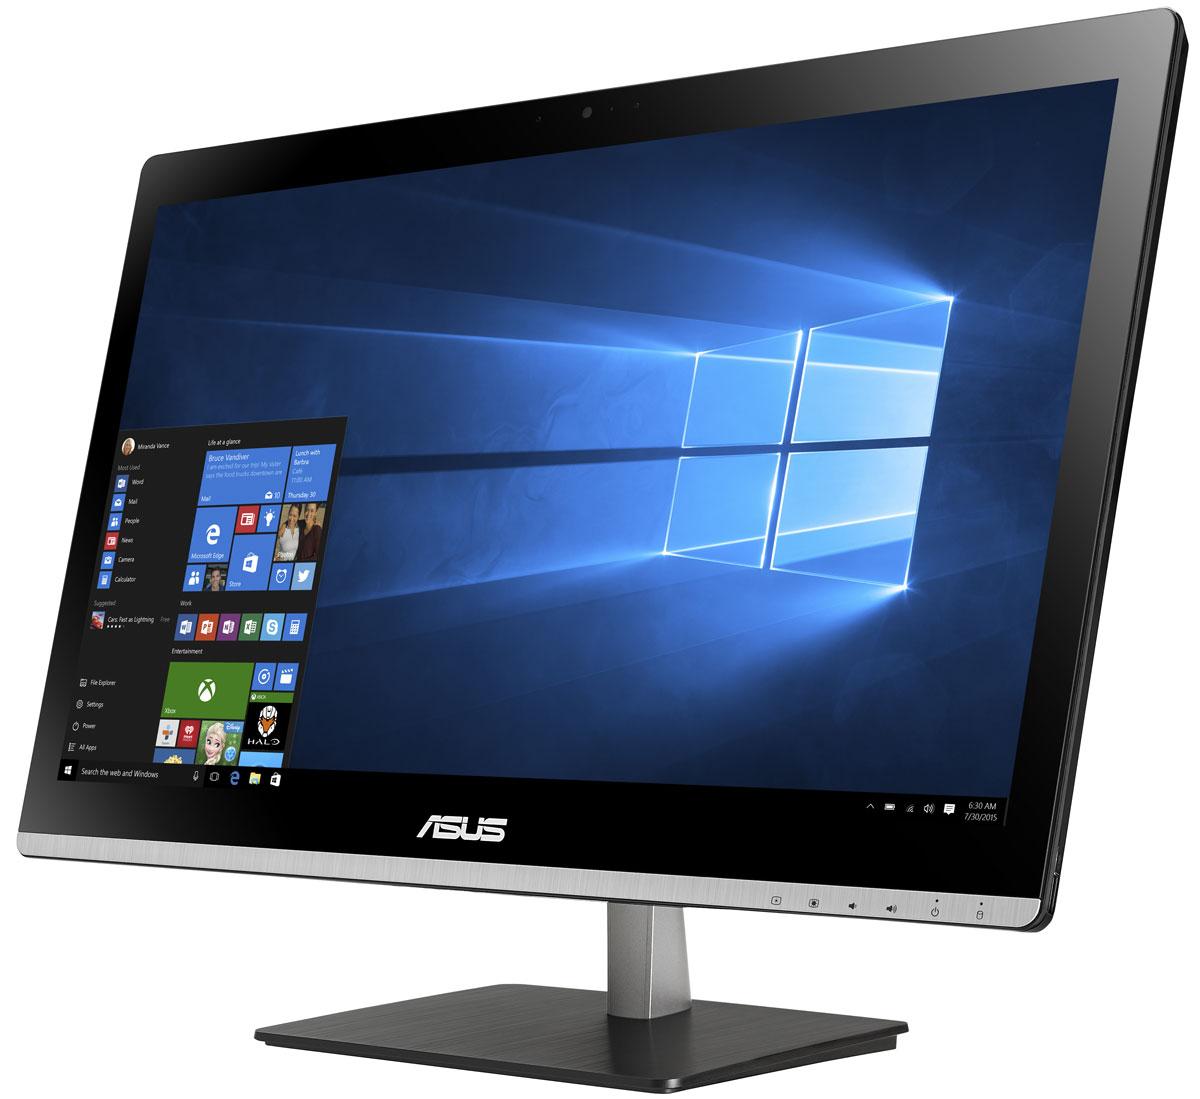 ASUS Vivo AiO V220ICUT, Black моноблок (V220ICUT-BG053X)V220ICUT-BG053XВ тонком и компактном корпусе моноблока Asus Vivo AiO V220ICUT разместились все компоненты современного компьютера - дисплей, процессор, видеокарта, память, диск и многое другое.Функциональность и компактность. Это основные принципы, применяемые Asus в проектировании настольных ПК. Современный моноблок - это компактное устройство с полным набором возможностей настольного компьютера. Благодаря тонкому корпусу он не занимает много места на столе, способствуя созданию уютной обстановки в помещении.Стильная серебристая подставка, используемая в моноблоке Asus Vivo AiO V220ICUT, придает ему дополнительную изящность. Уникальный шарнирный механизм спрятан под задней панелью, что делает внешний вид устройства еще более утонченным и органичным. Данная модель обладает ультратонким экраном со светодиодной подсветкой, обеспечивающим высокую яркость и контрастность изображения. Благодаря широким углам обзора матрицы картинка на экране моноблока не претерпевает каких-либо искажений цветопередачи при изменении угла, под которым вы смотрите на экран. Разрешение Full HD (1920x1080) позволяет наслаждаться играми и фильмами с безупречной четкостью.Моноблоки Asus Vivo AiO оснащены встроенными стереодинамиками и поддерживают эксклюзивную технологию ASUS SonicMaster Premium, гарантирующую невероятно мощное и реалистичное звучание. Для настройки звучания служит функция Audio Wizard, предлагающая выбрать один из пяти вариантов работы аудиосистемы, каждый из которых идеально подходит для определенного типа приложений (музыка, фильмы, игры и т.д.). Благодаря выходу HDMI к компьютеру Vivo AiO можно подключить телевизор с большой диагональю для передачи на него изображения и звукового сопровождения.Точные характеристики зависят от модели.Моноблок сертифицирован EAC и имеет русифицированную клавиатуру и Руководство пользователя.